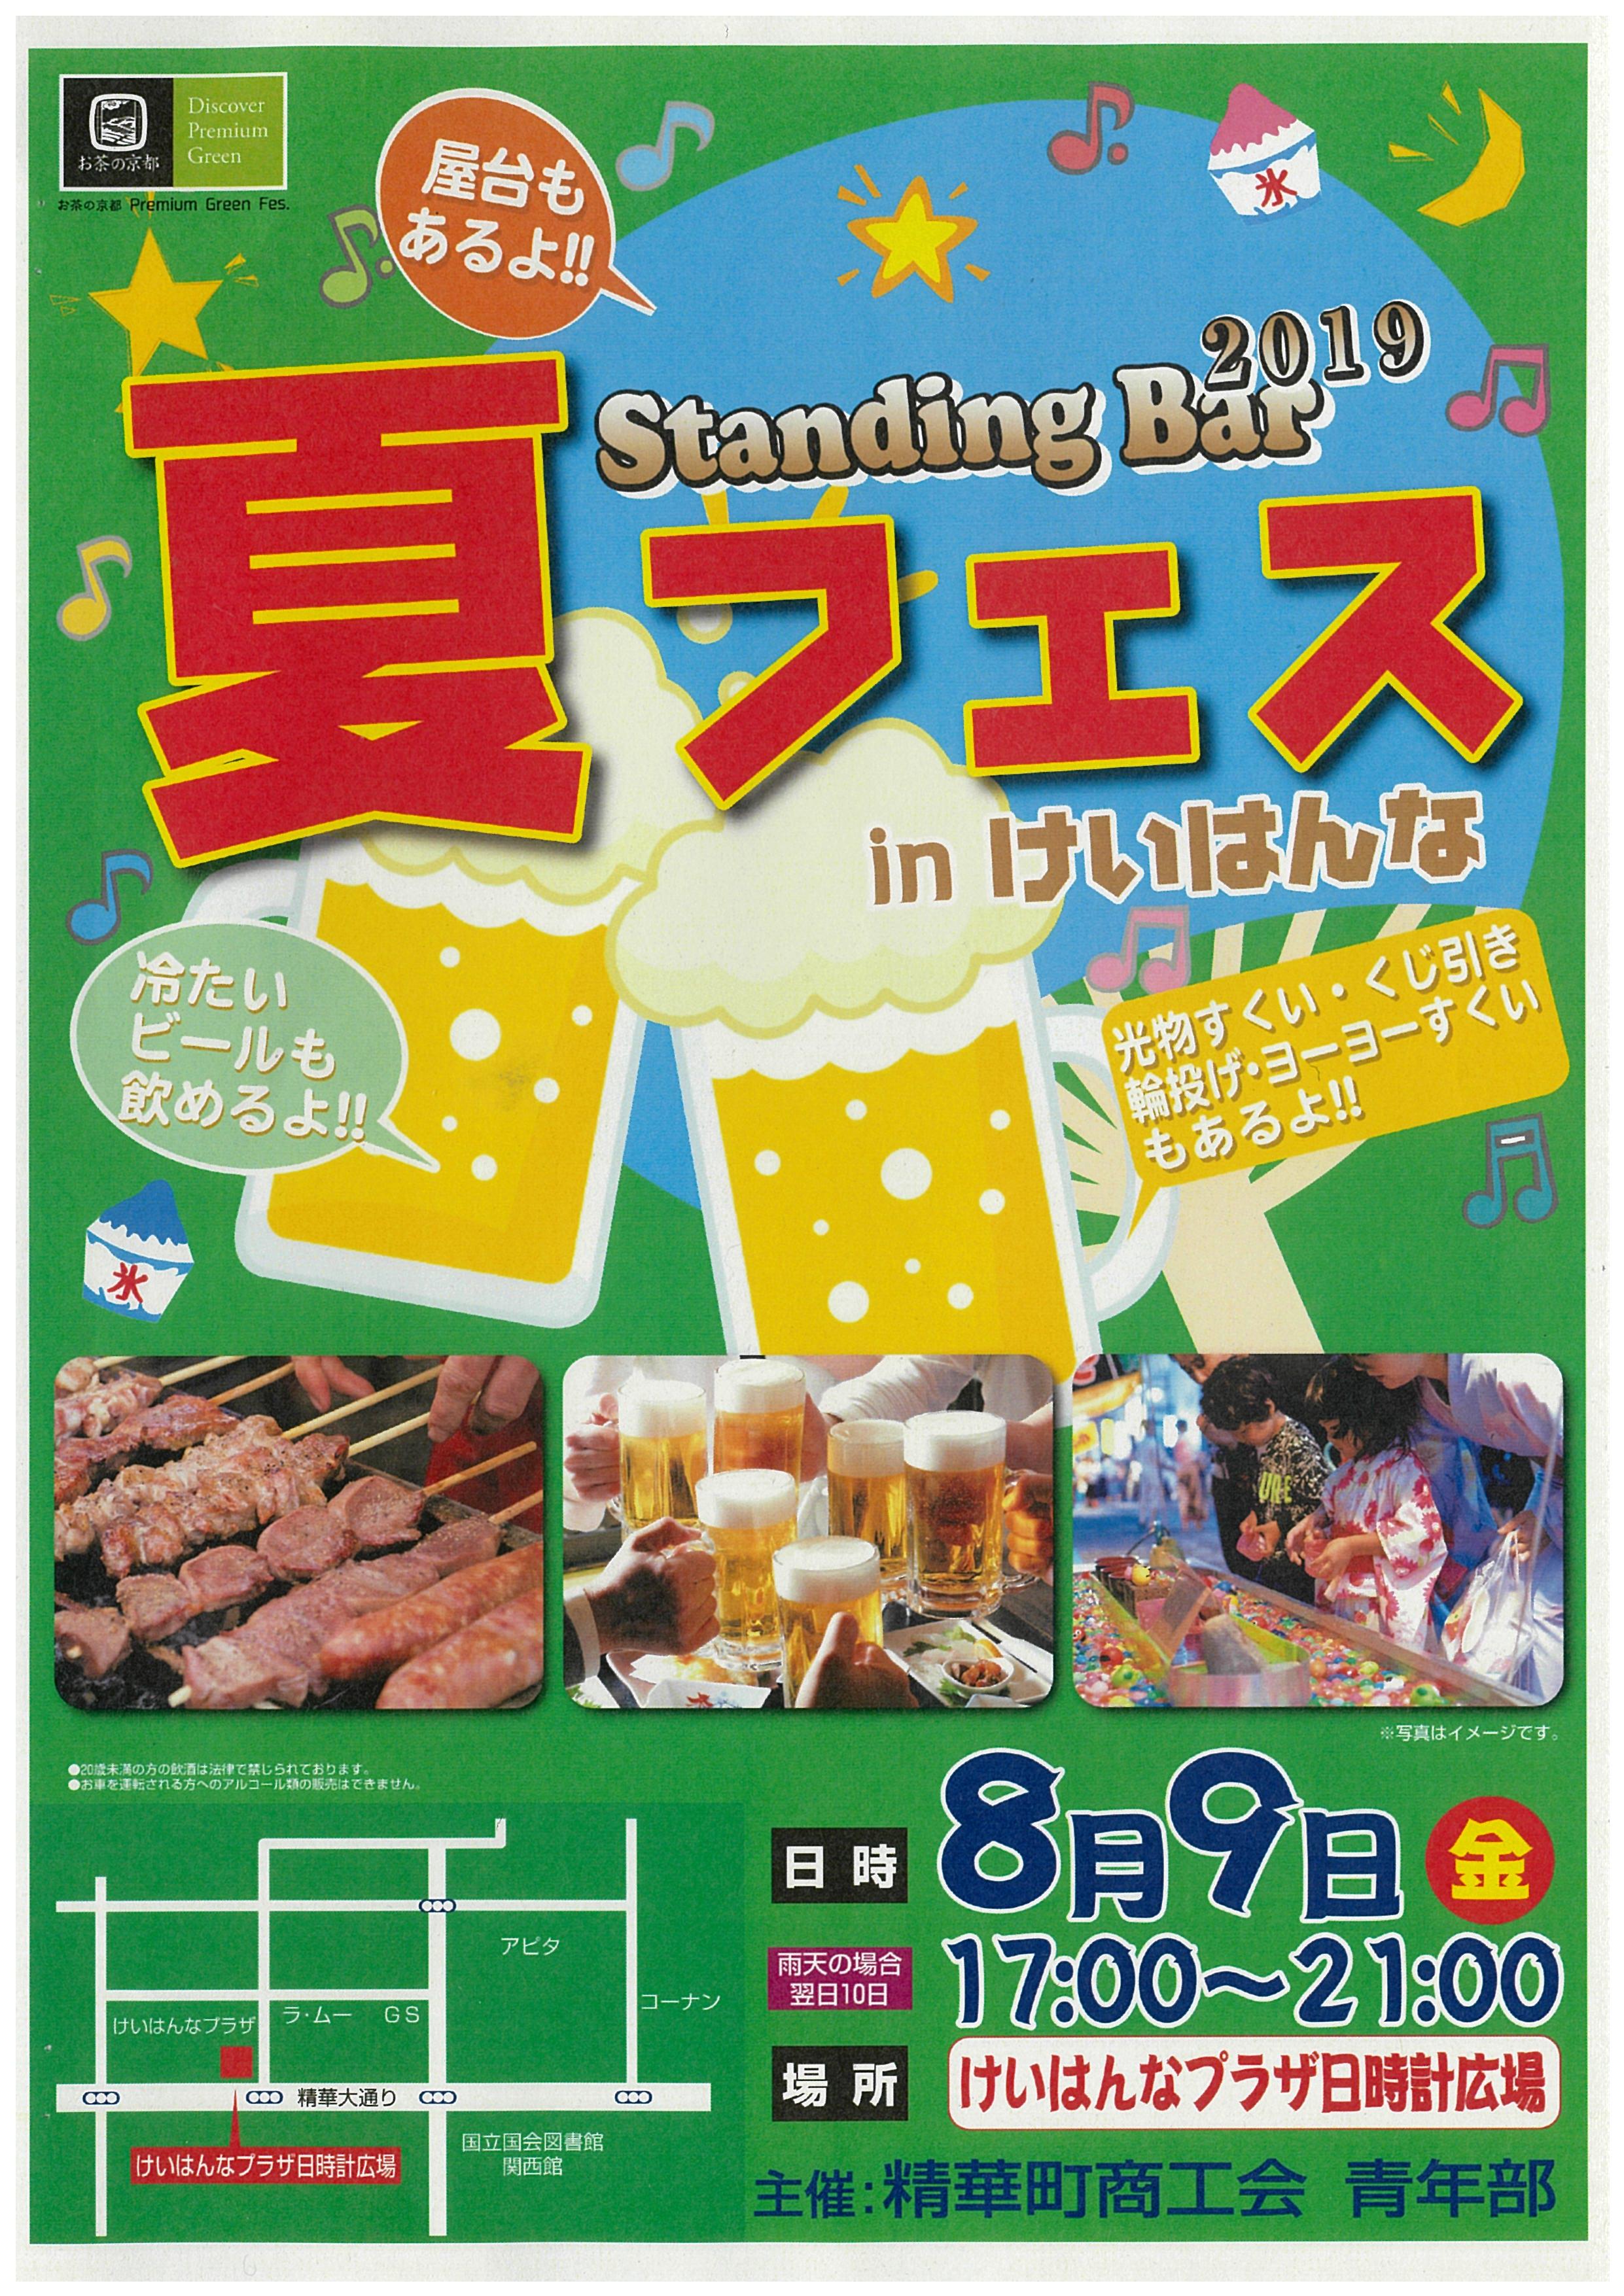 Standing Bar 2019(けいはんなプラザ)